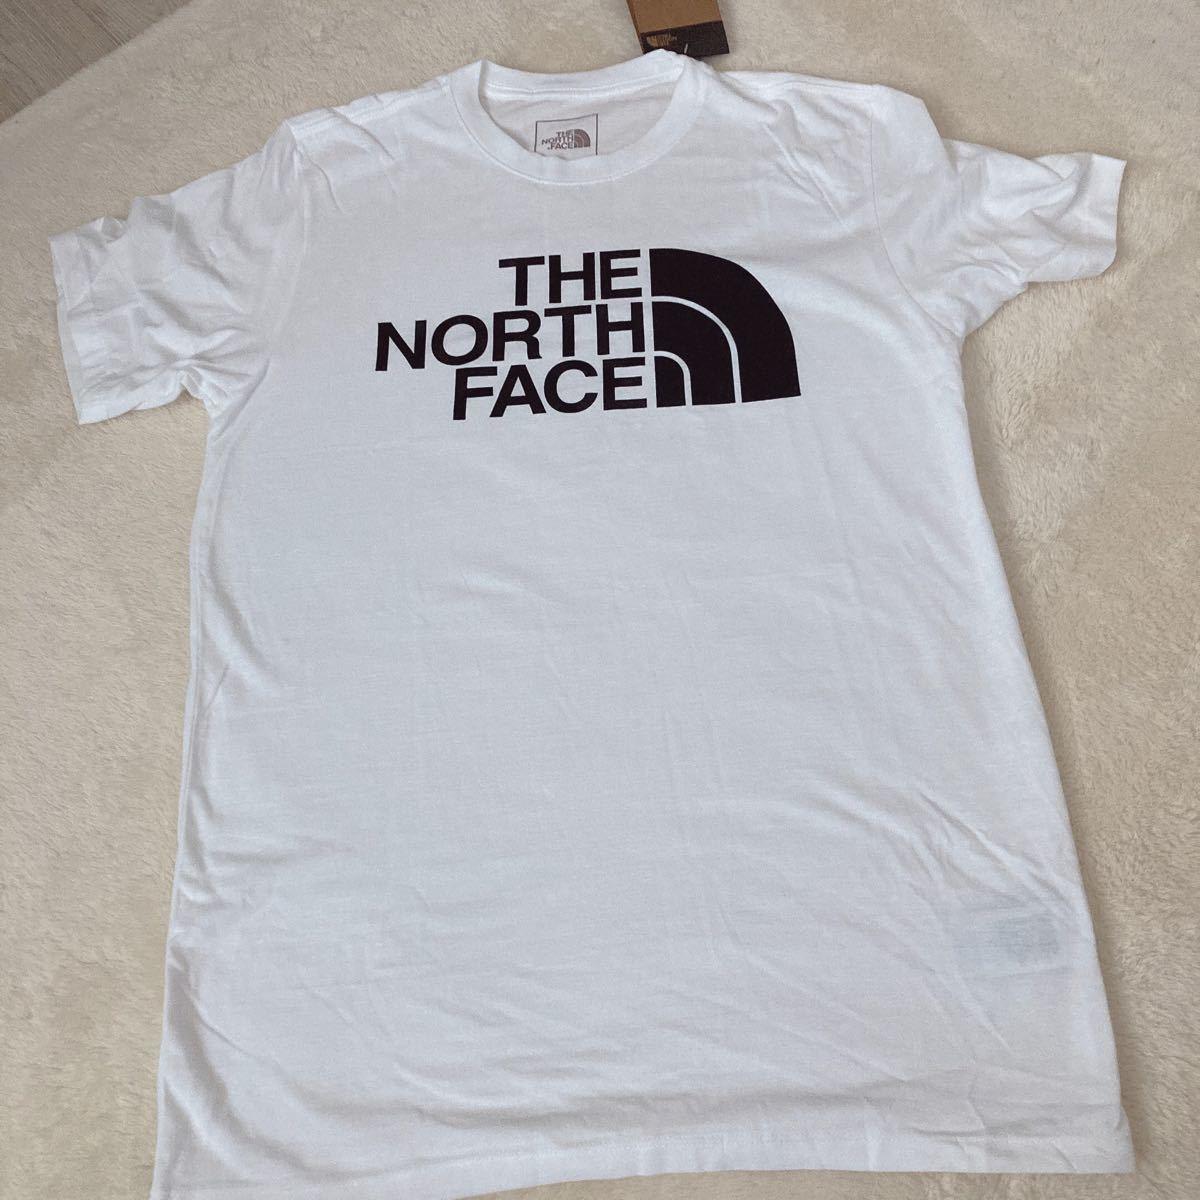 20%クーポン配布中! THE NORTH FACE ザノースフェイスハーフドームロゴプリントTシャツ 白 S 新品タグあり